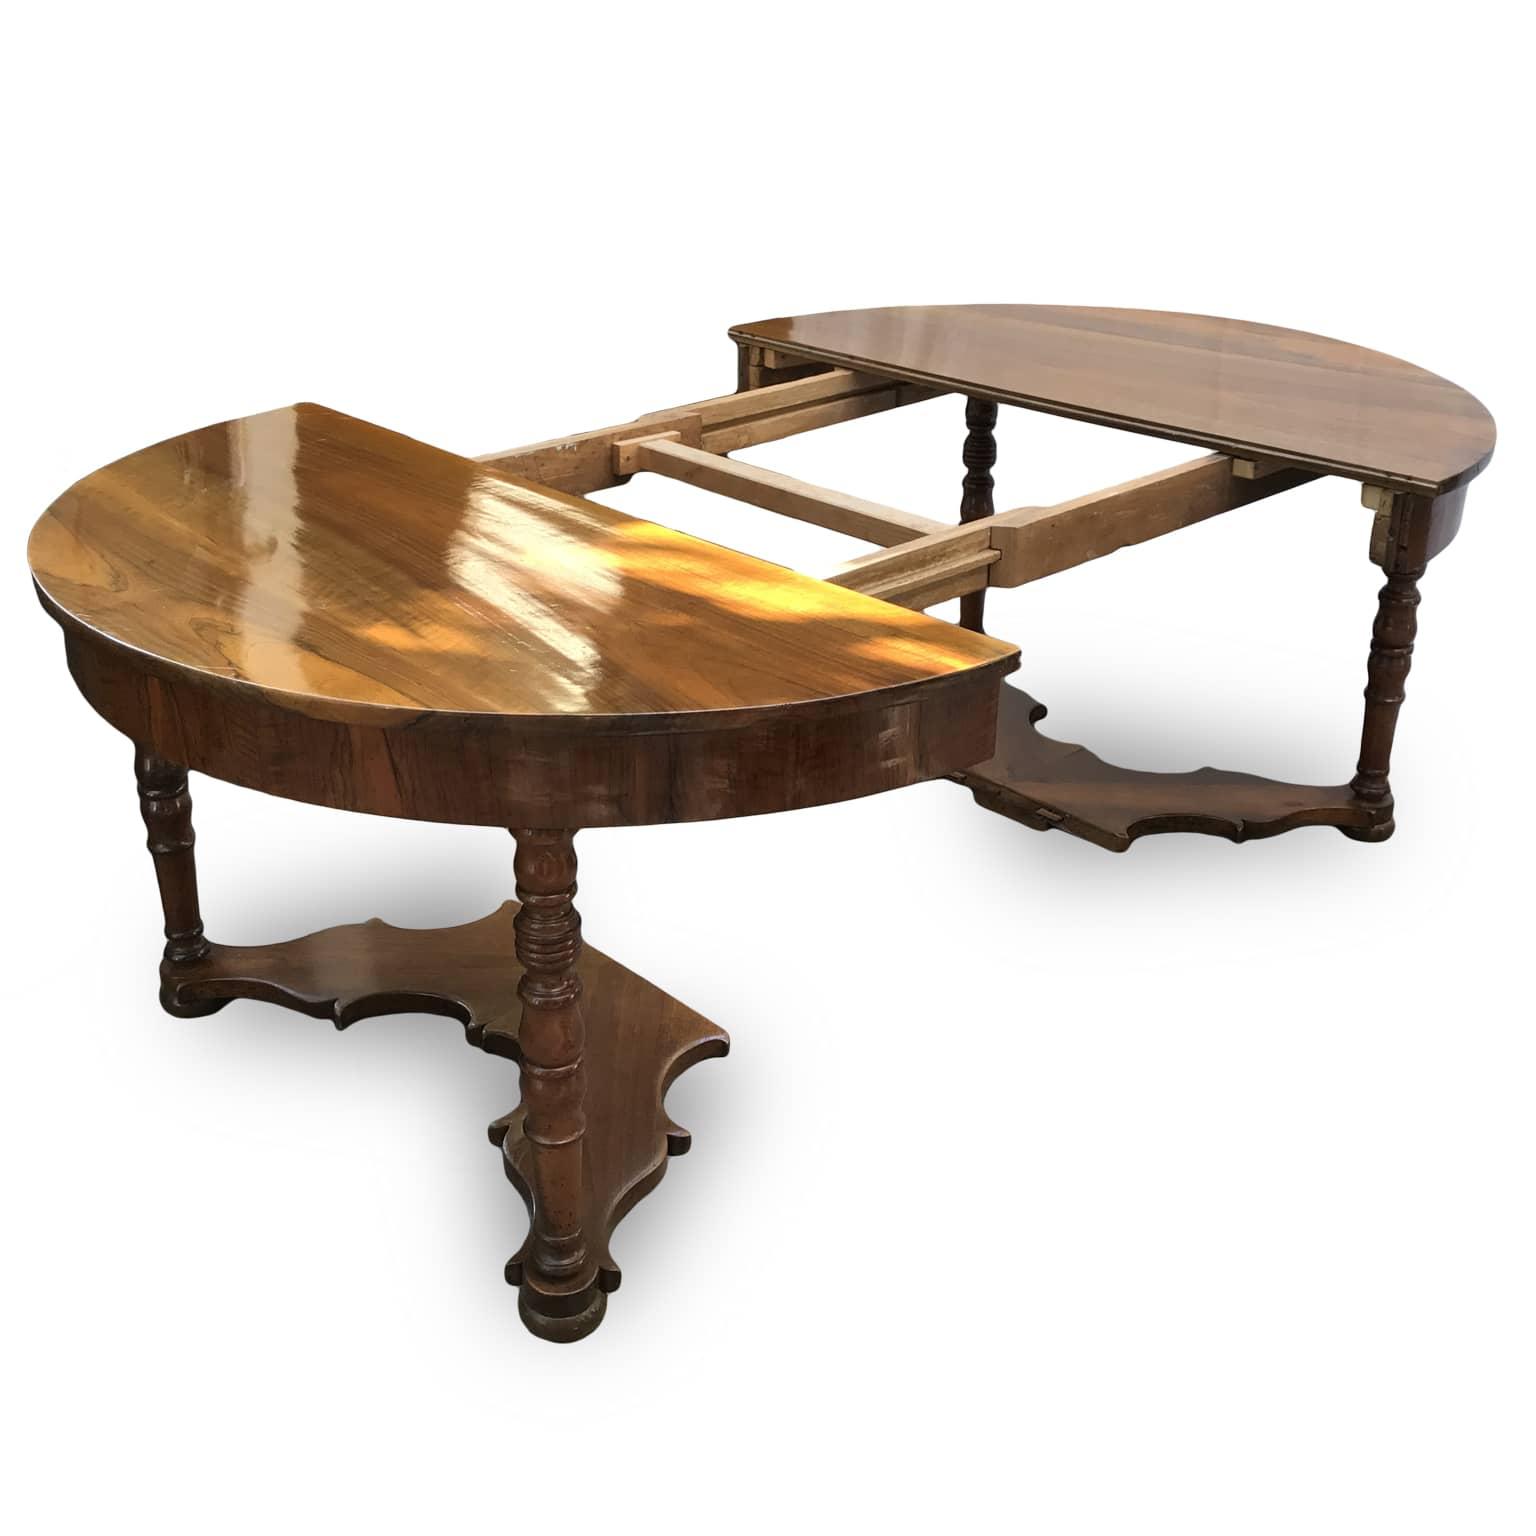 Tavolo Antico Allungabile Antiquariato.Tavolo Antico In Noce Allungabile Per Sala Da Pranzo